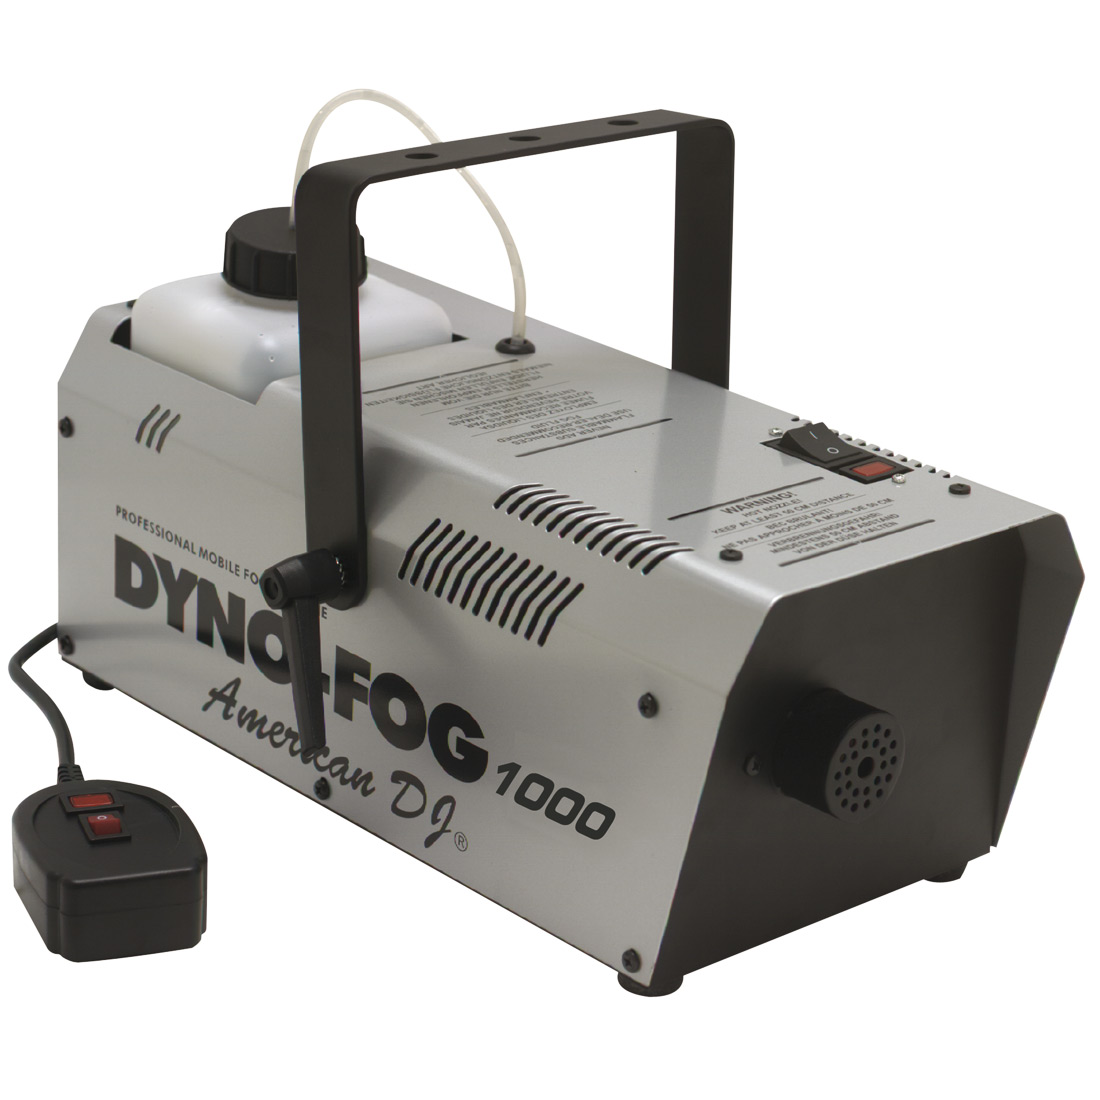 DYNOFOG 1000 - 1000W fog machine